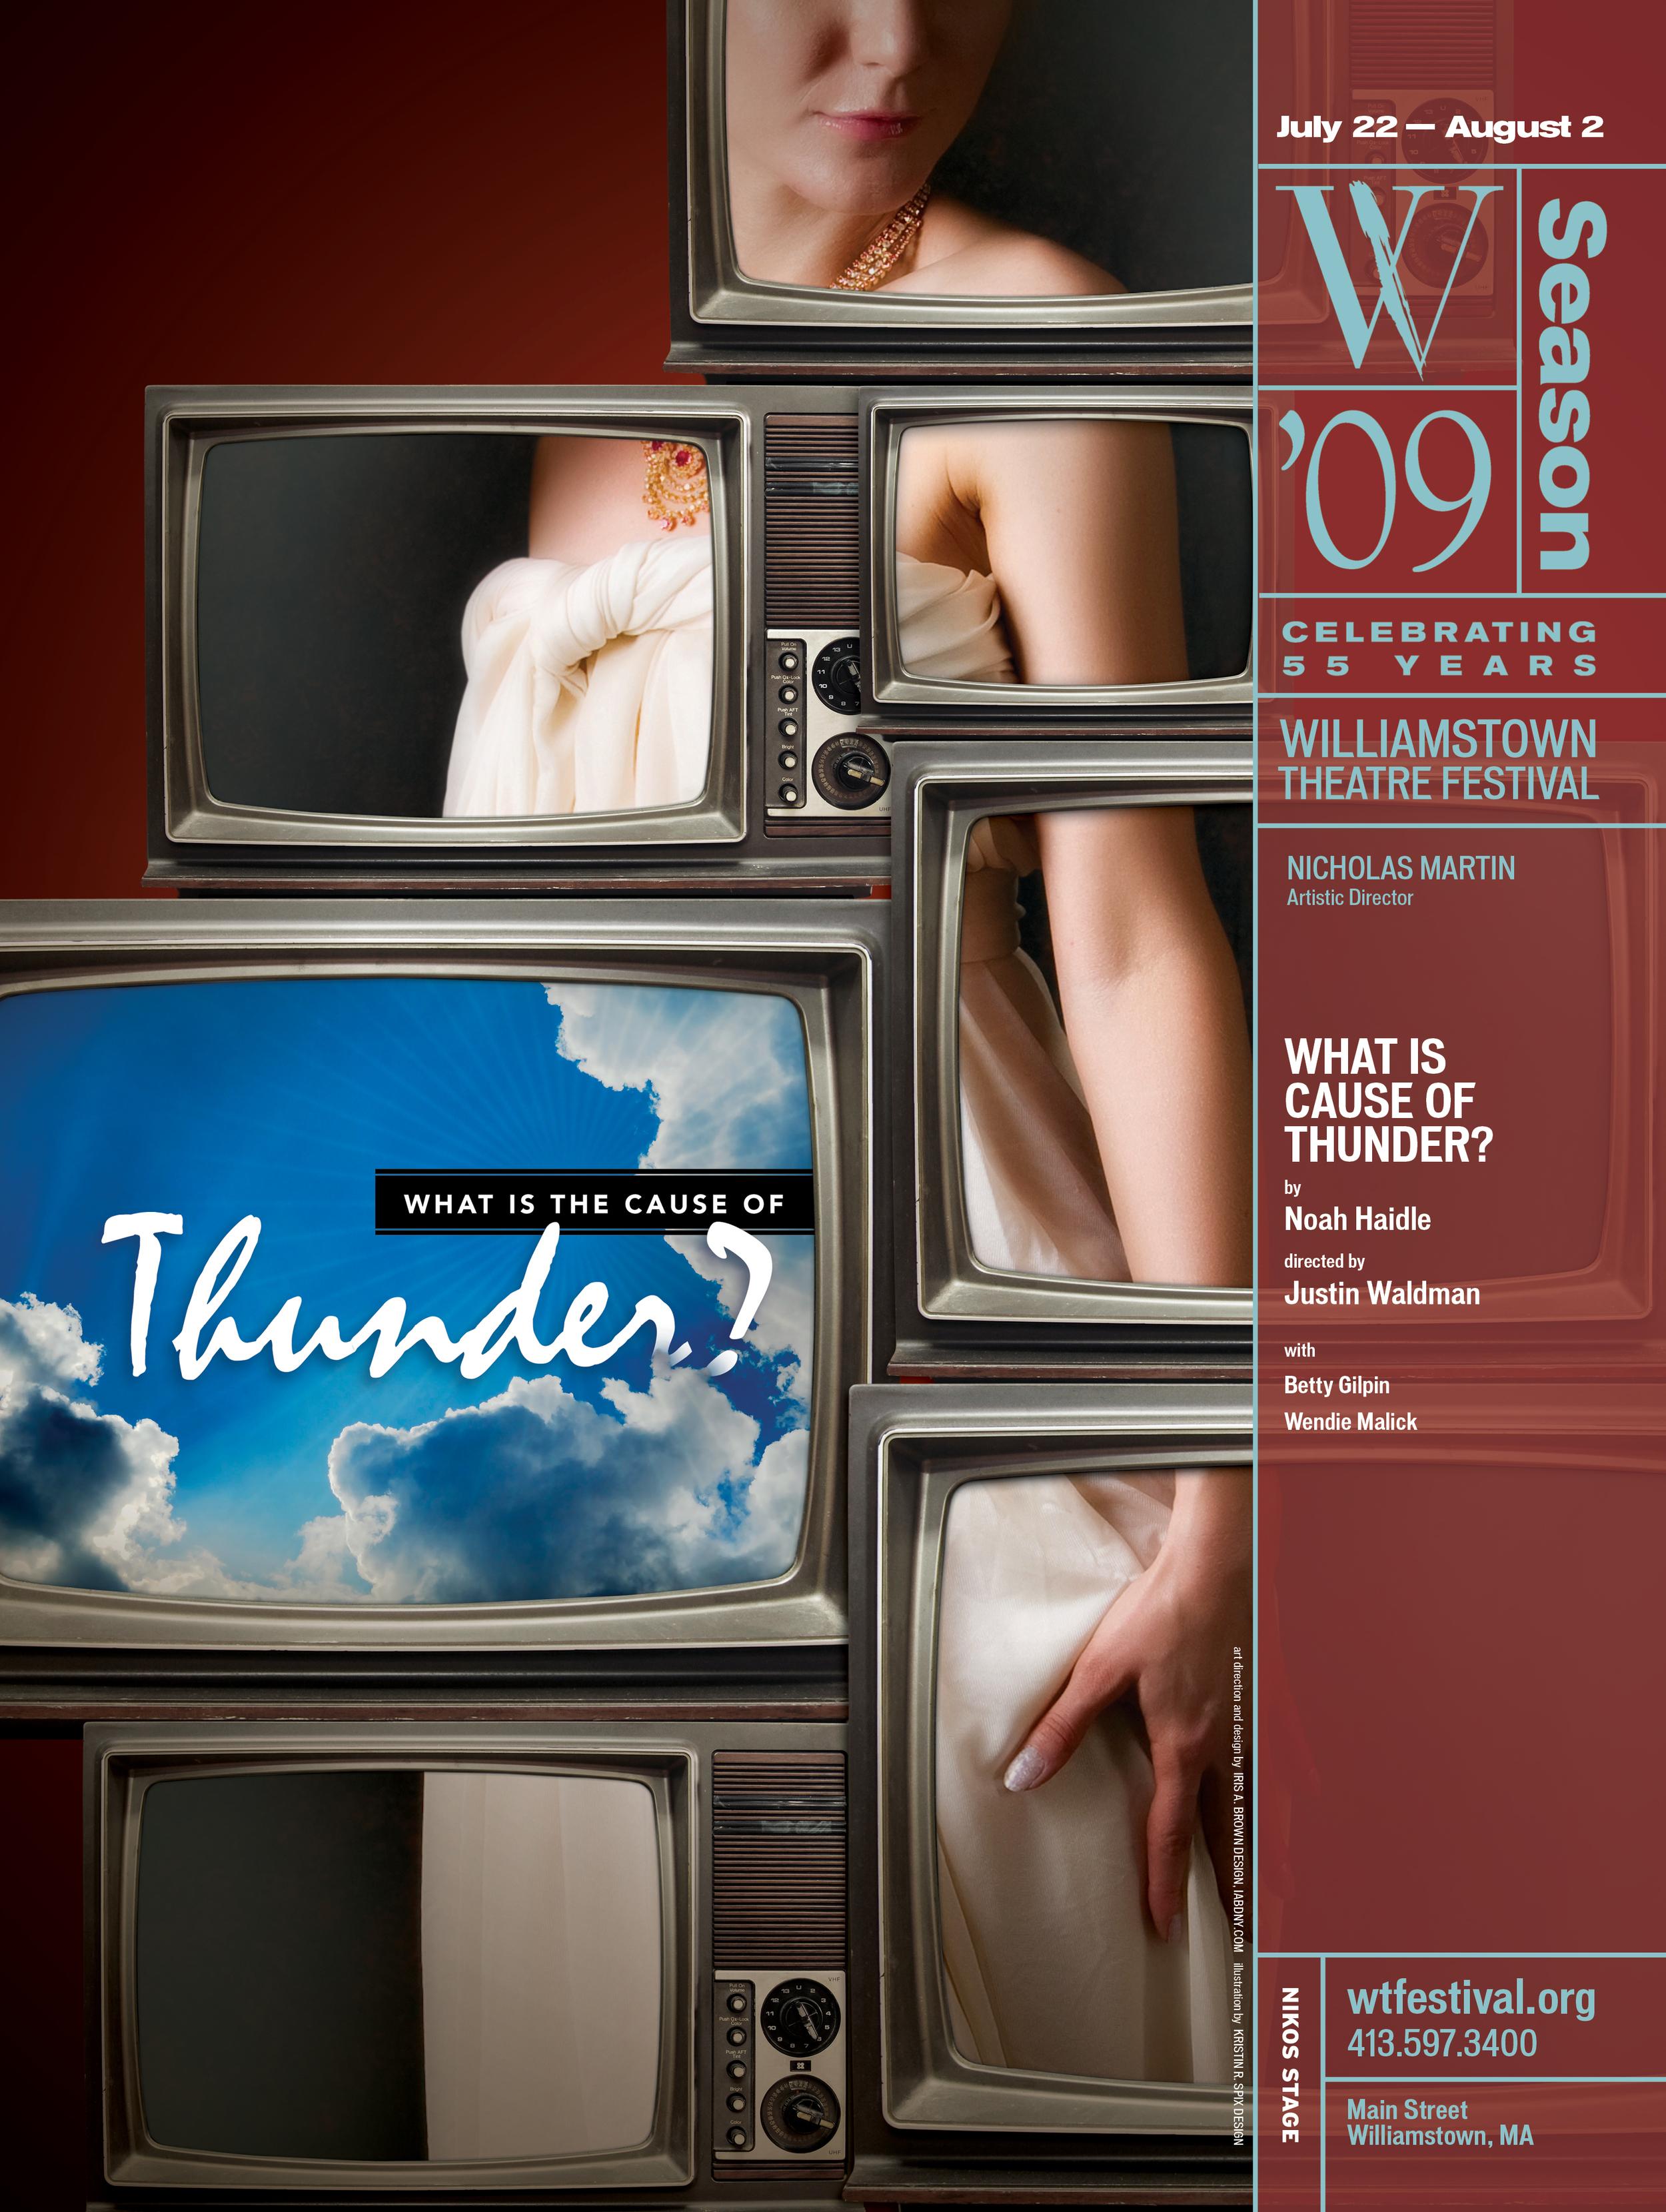 Poster_WTF_2009_Thunder.jpg